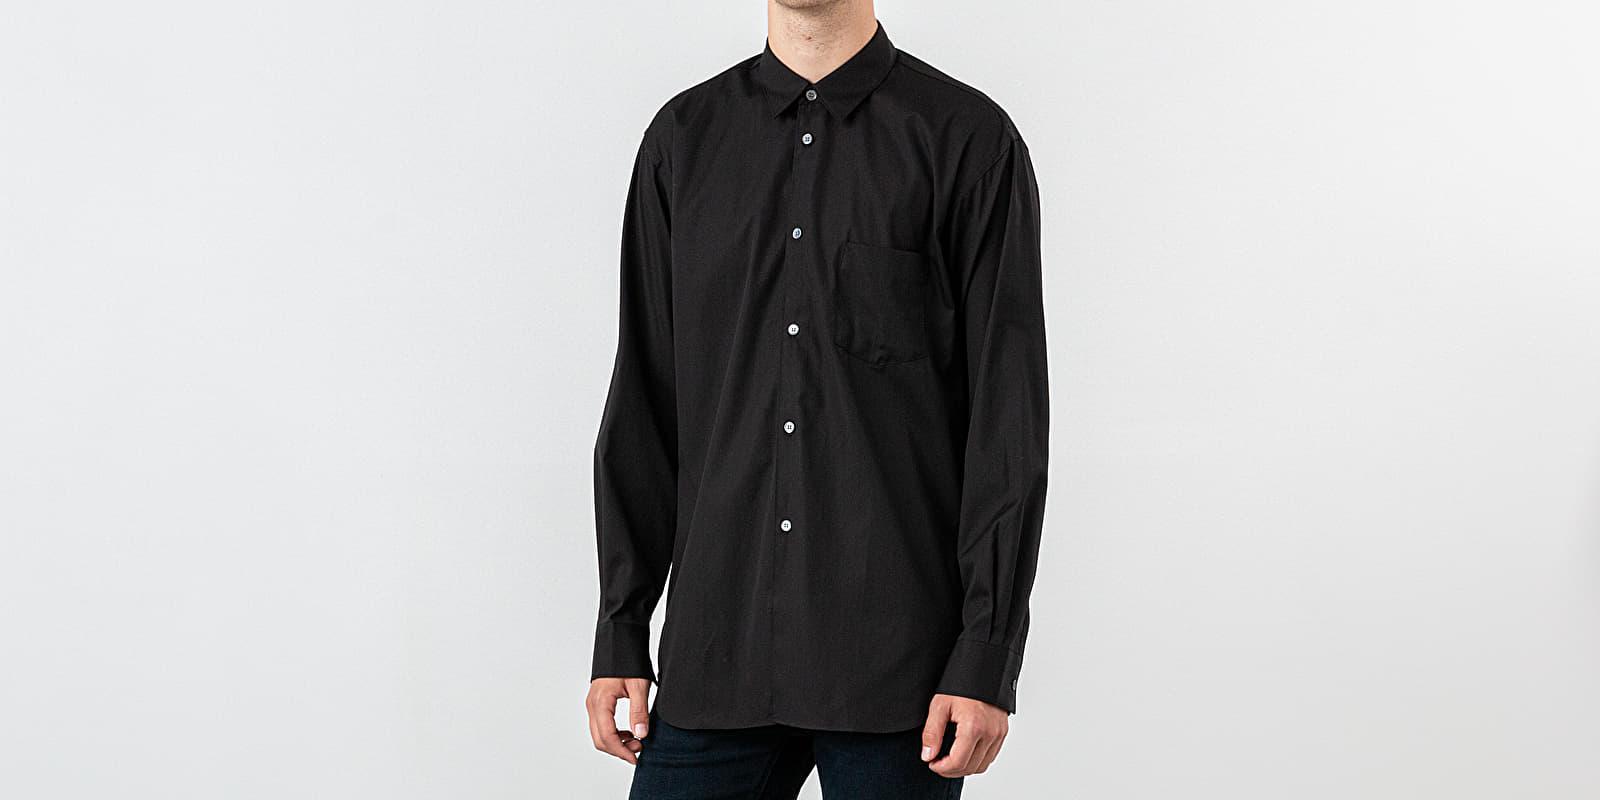 Comme_des_Garçons_SHIRT_Shirt_Black